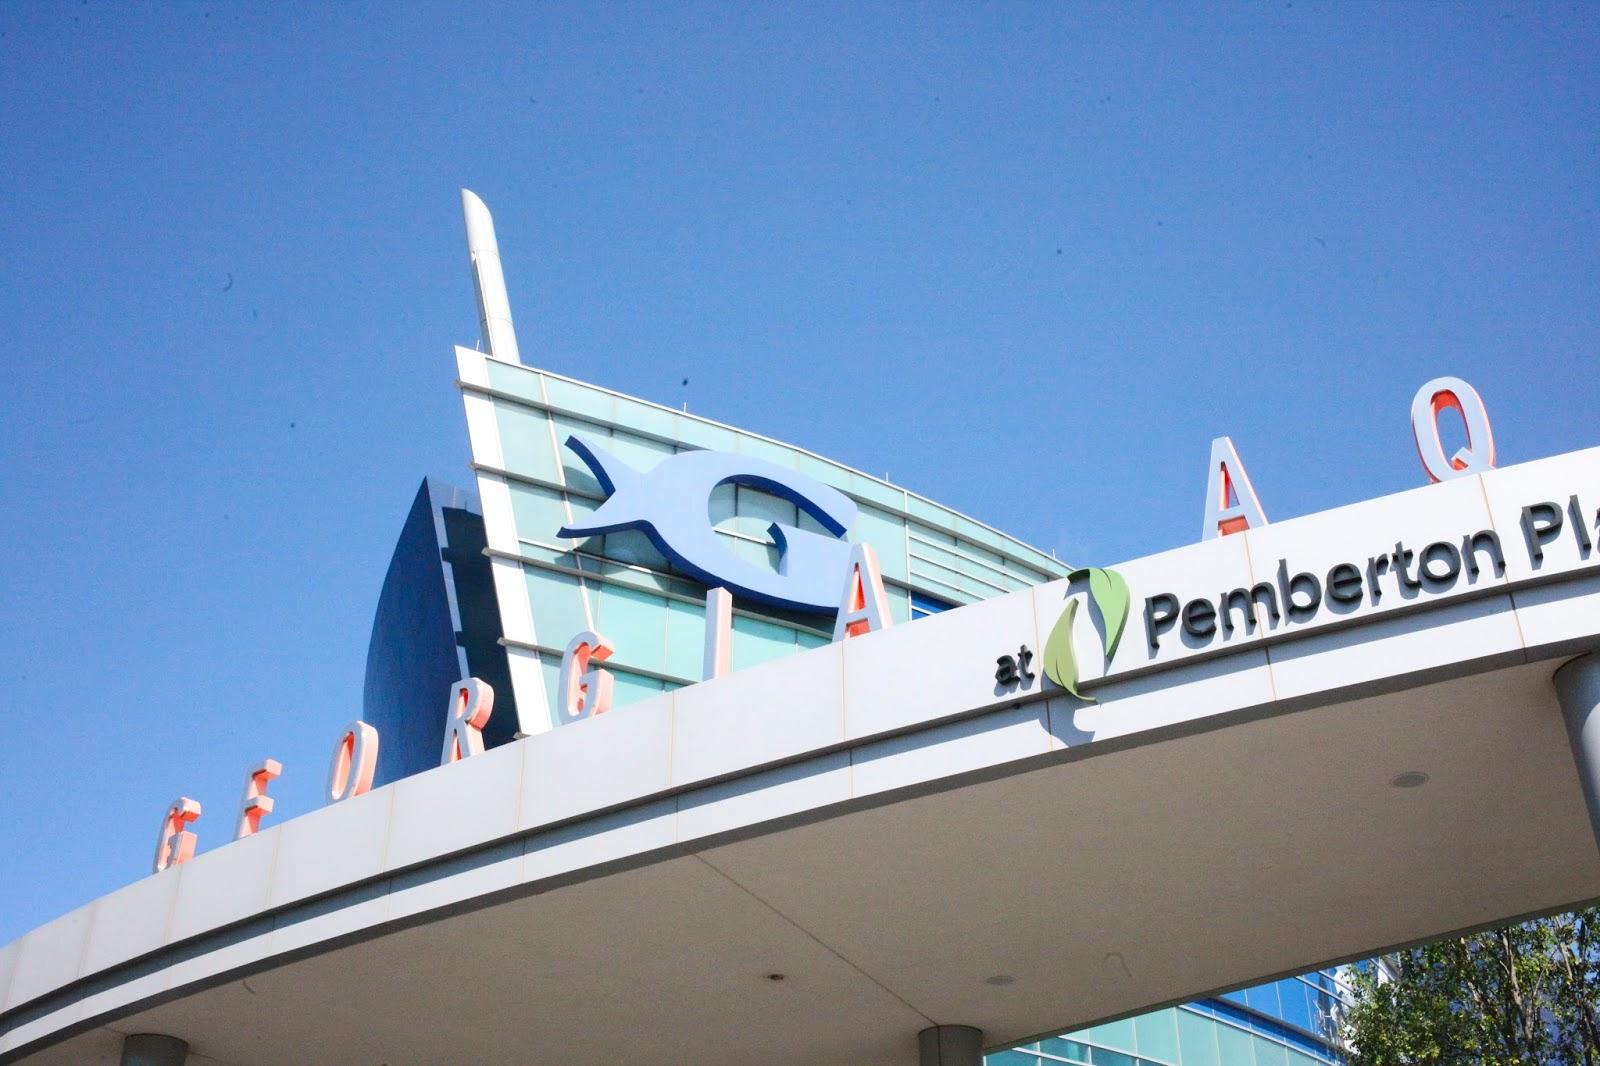 exterior shot of the Georgia Aquarium